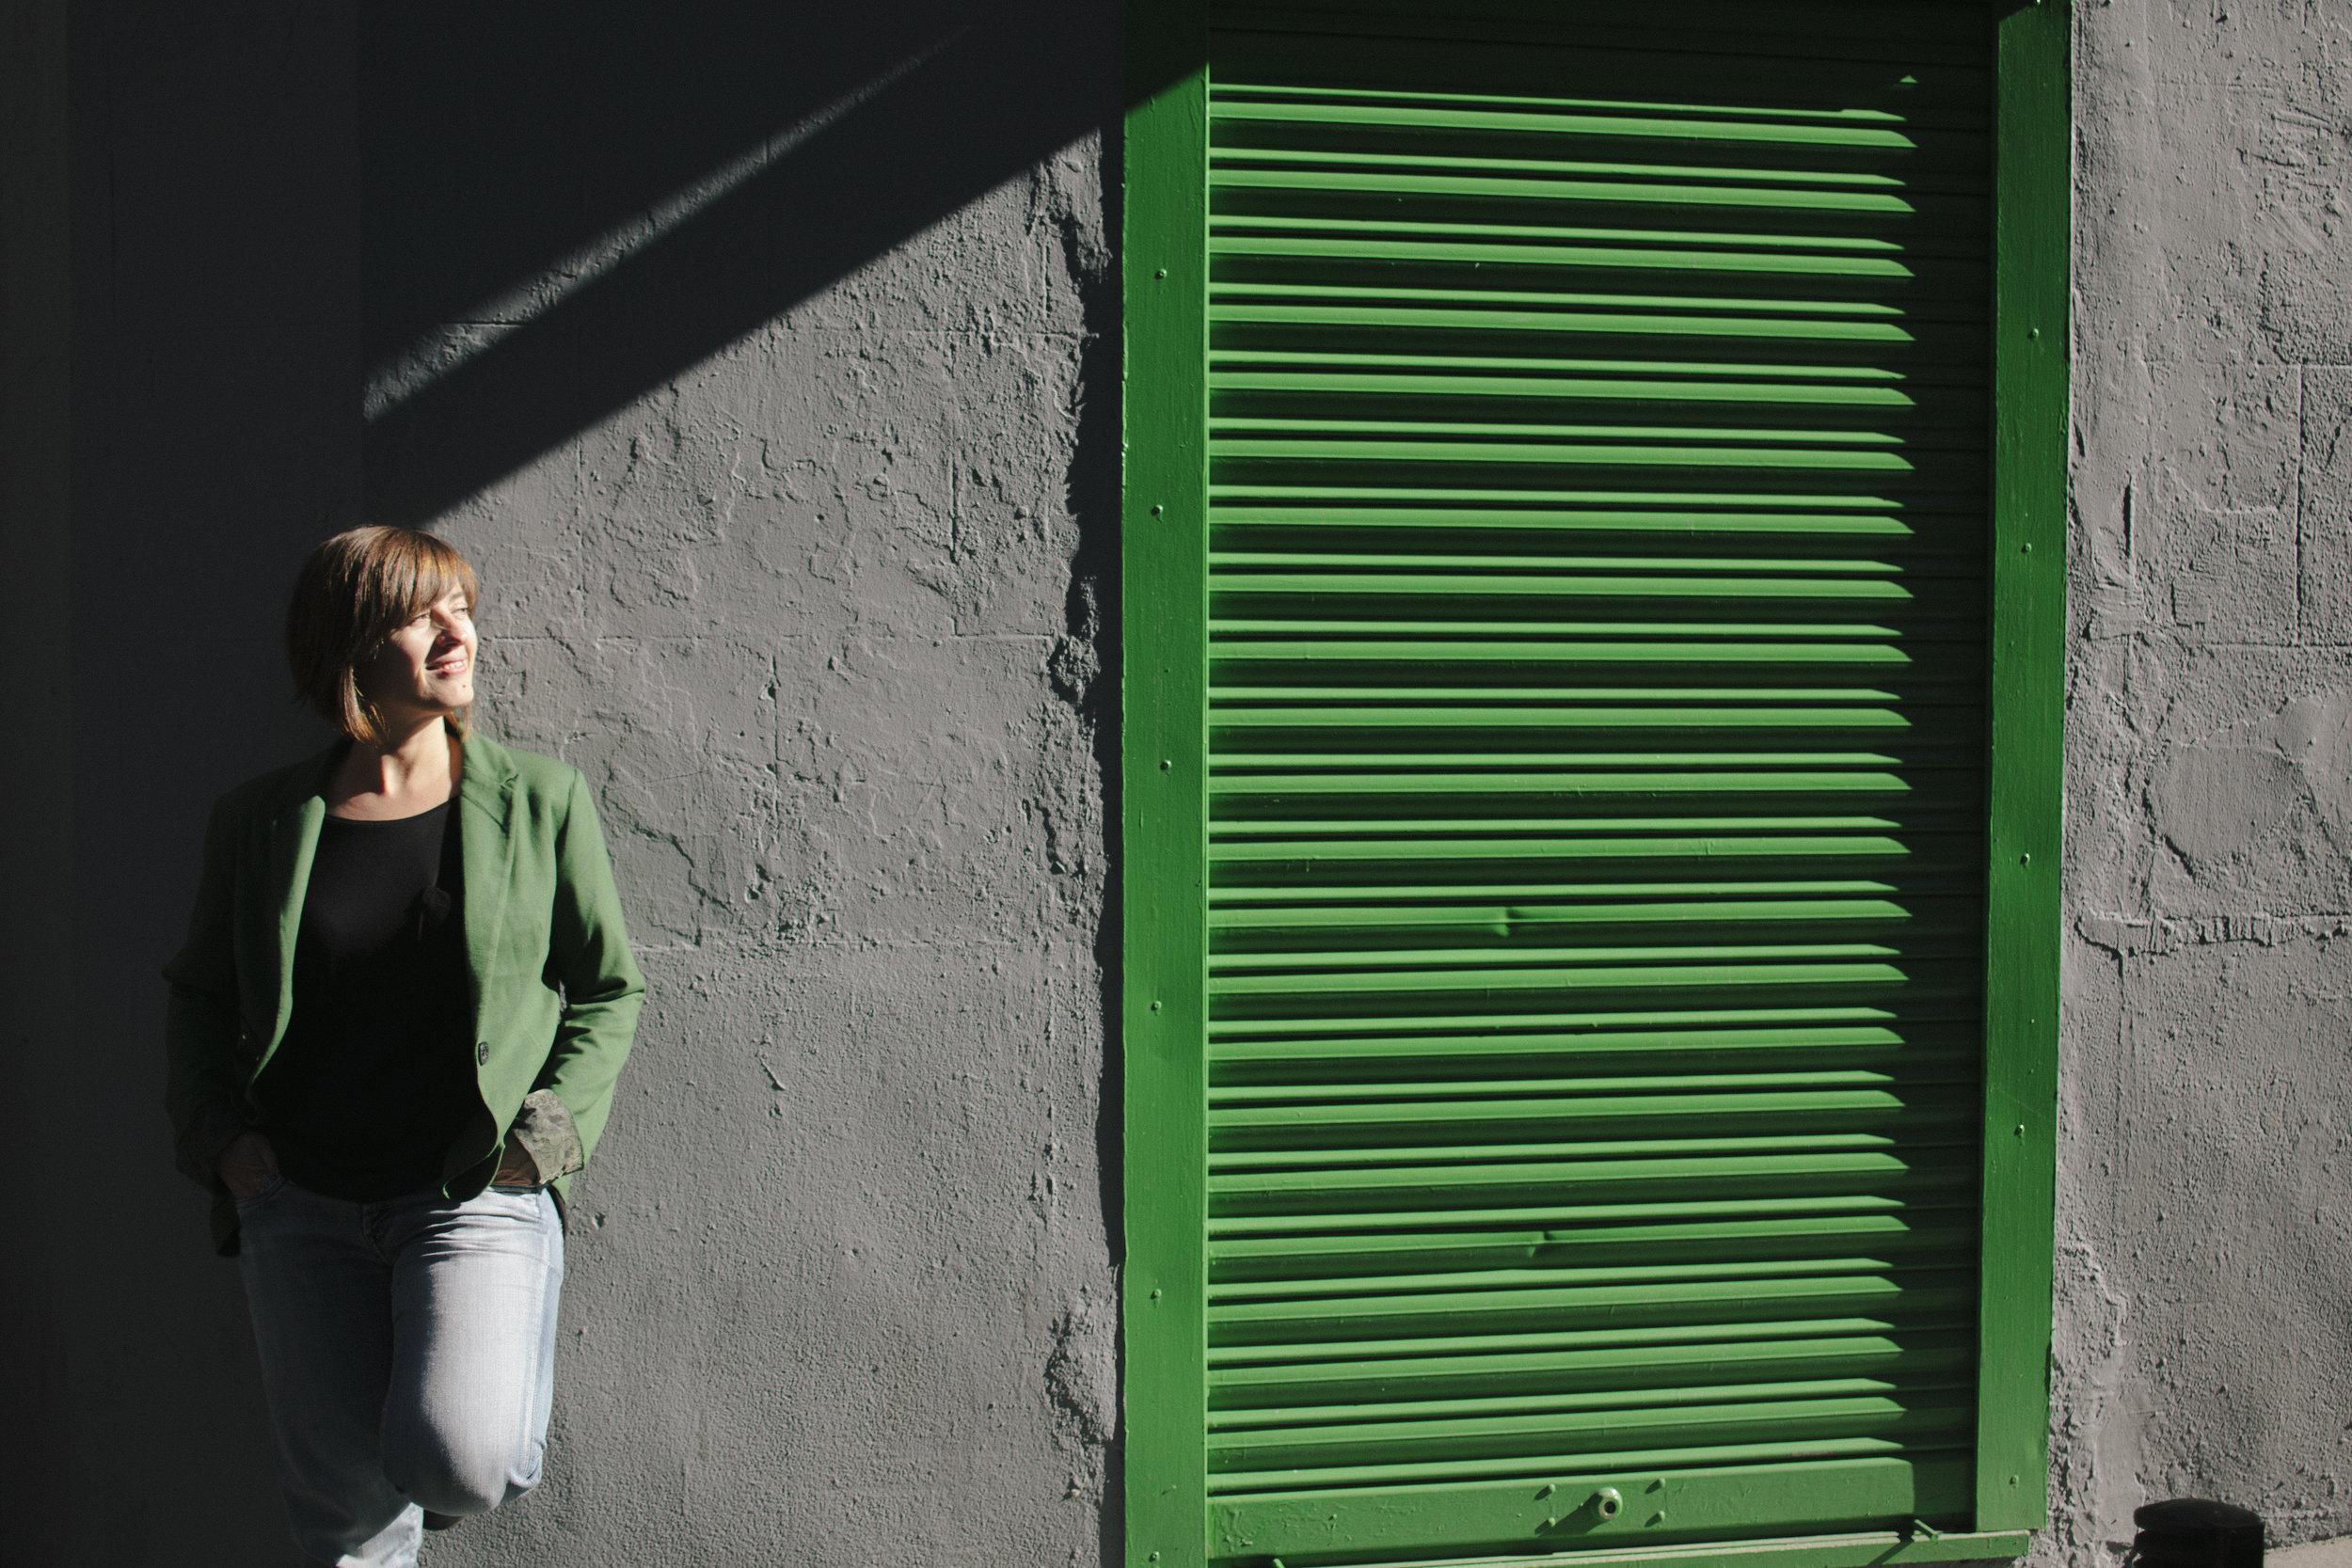 Olga 28 © Jimena Roquero Photography.jpg